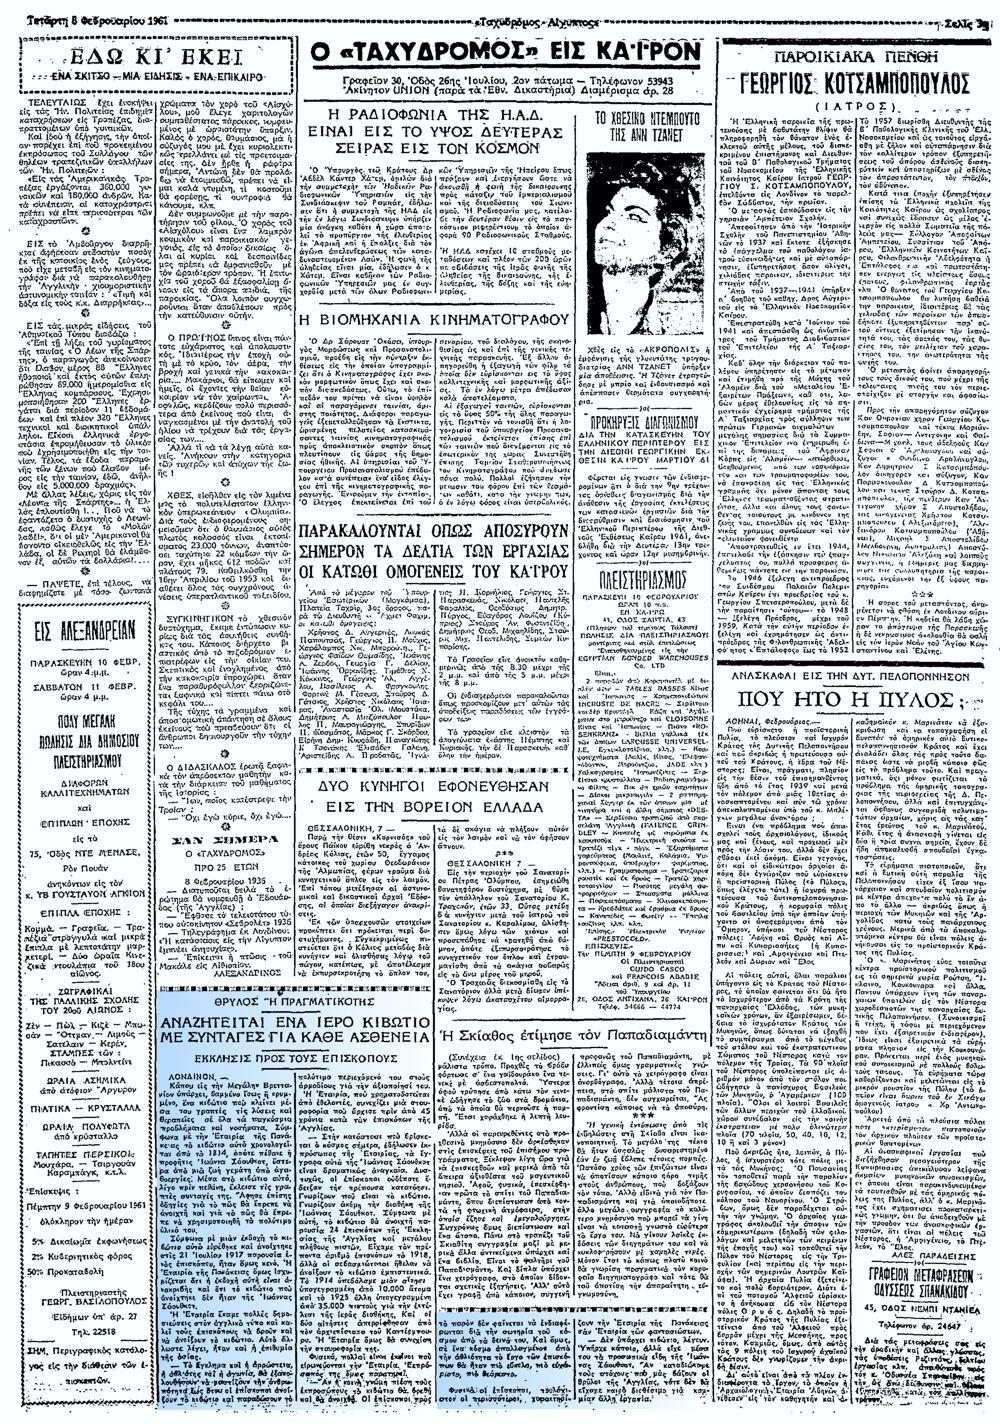 """Το άρθρο, όπως δημοσιεύθηκε στην εφημερίδα """"ΤΑΧΥΔΡΟΜΟΣ"""", στις 08/02/1961"""